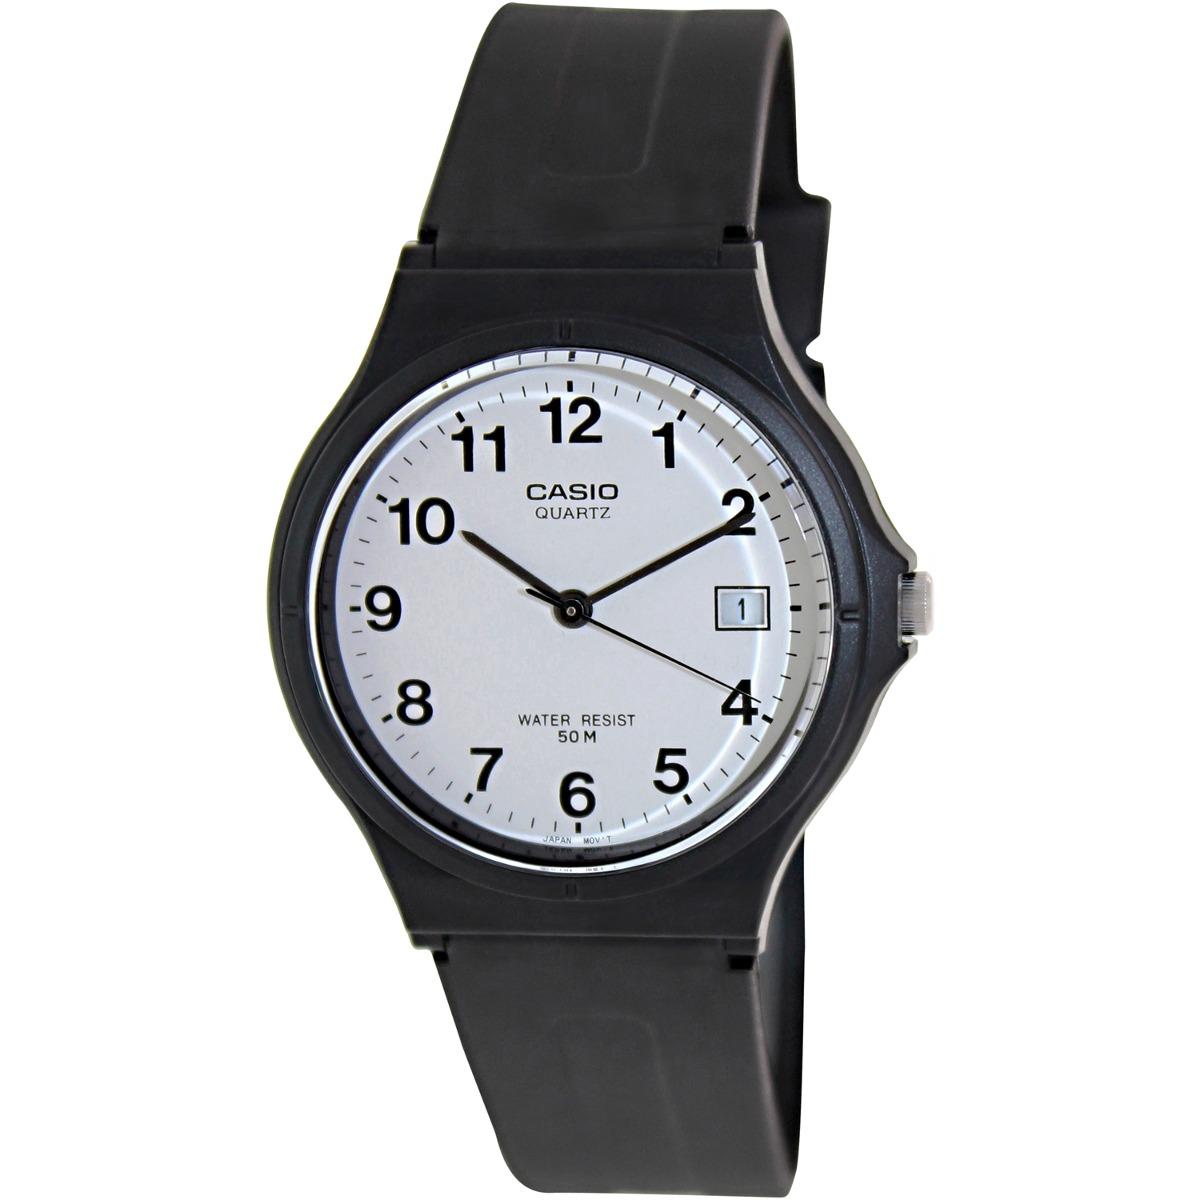 Casio 7bv Mujer Mw59 Para Reloj Negro PTwulXZOki